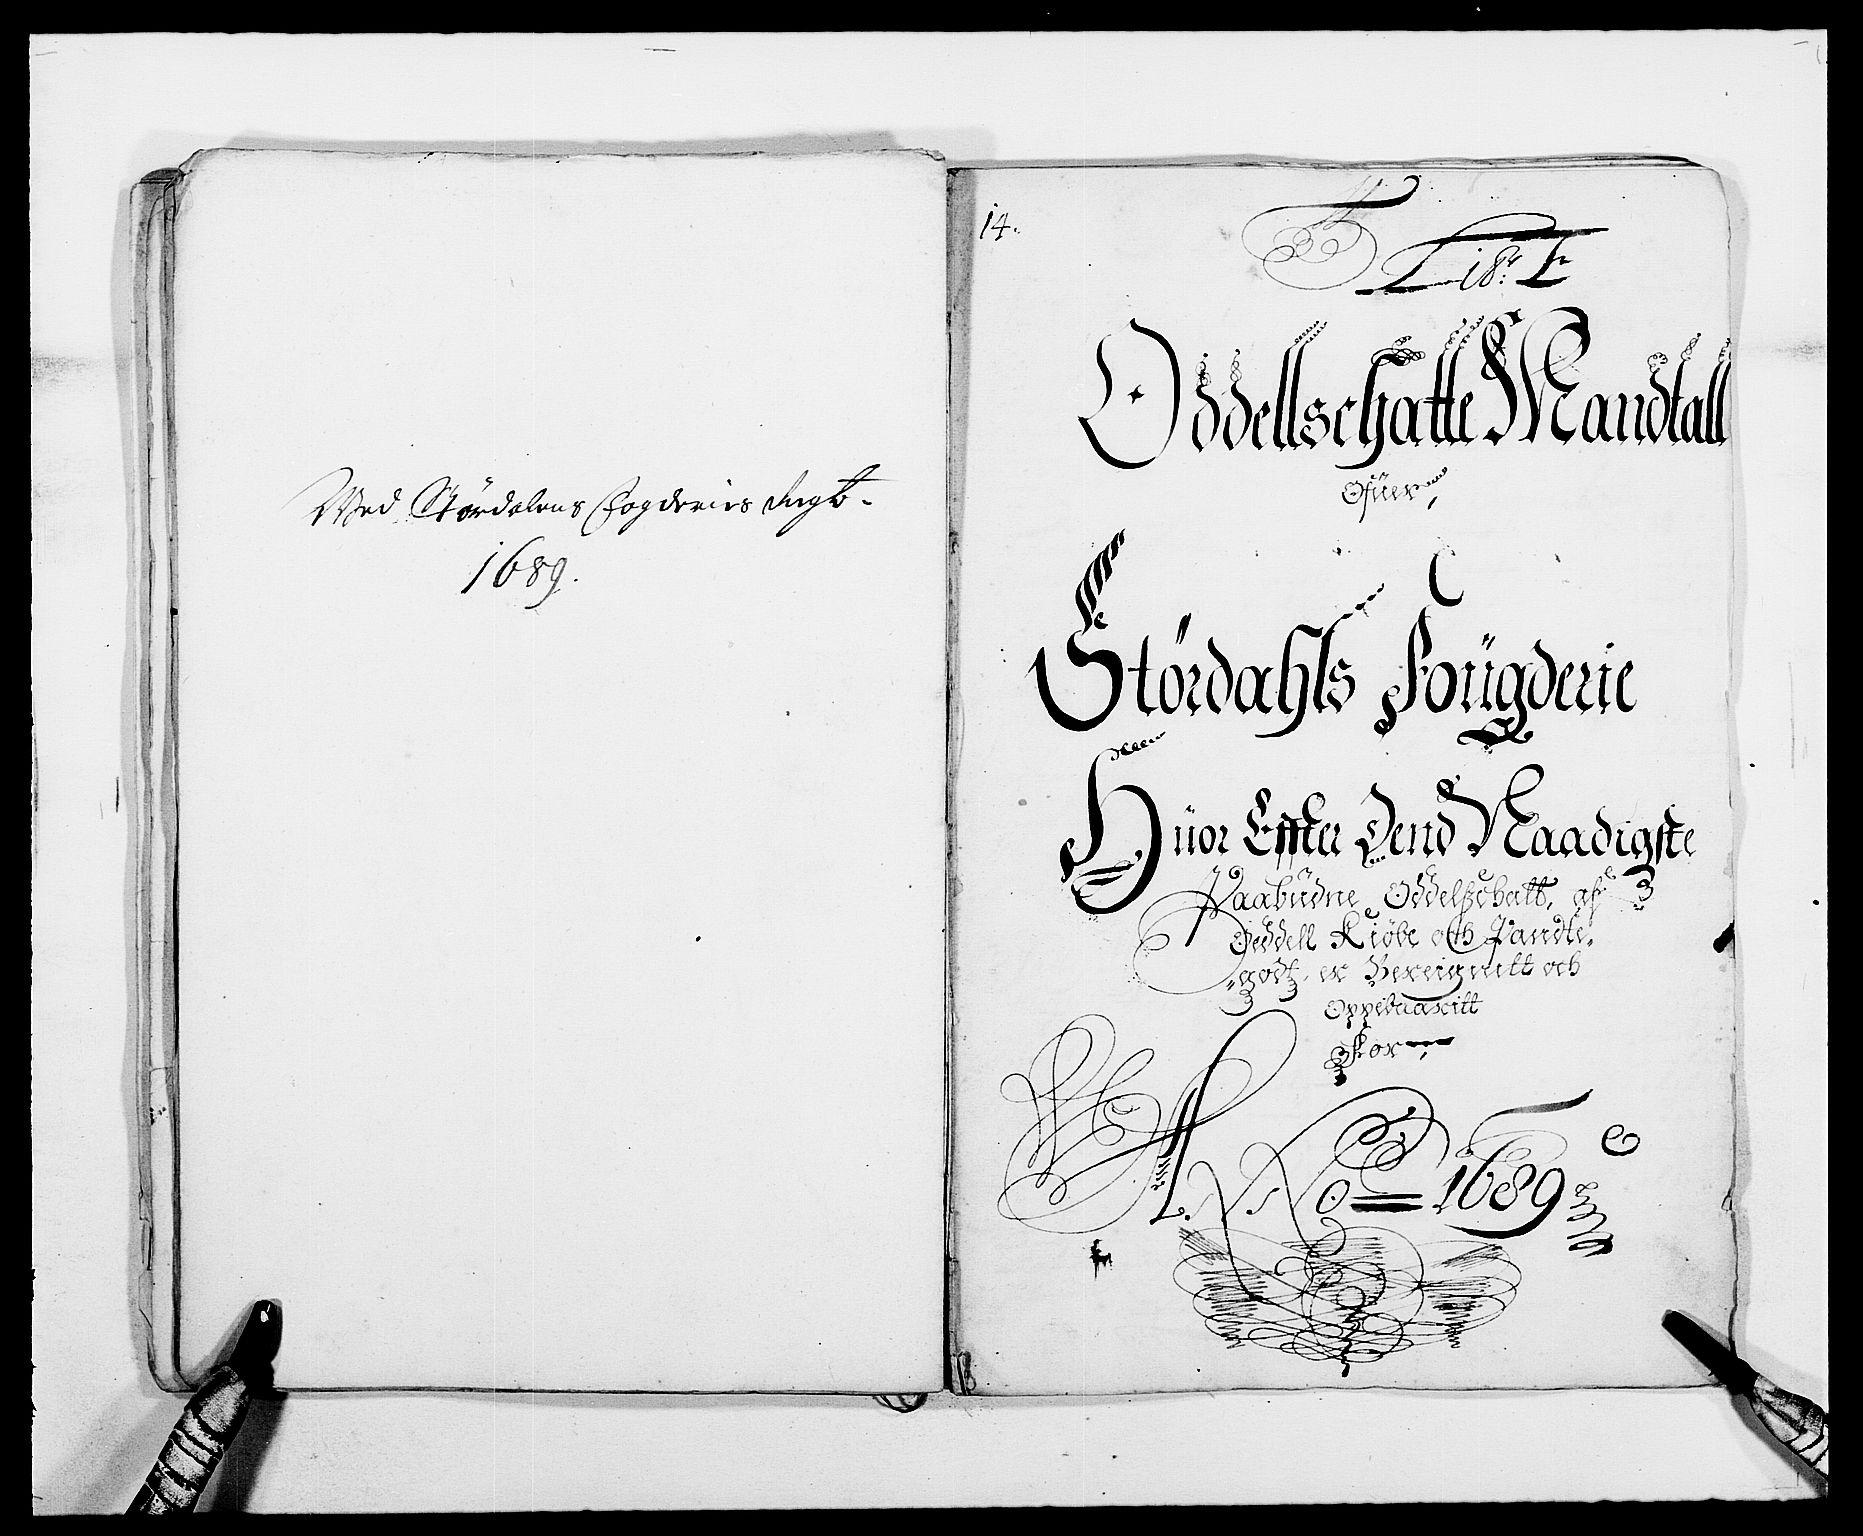 RA, Rentekammeret inntil 1814, Reviderte regnskaper, Fogderegnskap, R62/L4183: Fogderegnskap Stjørdal og Verdal, 1687-1689, s. 330